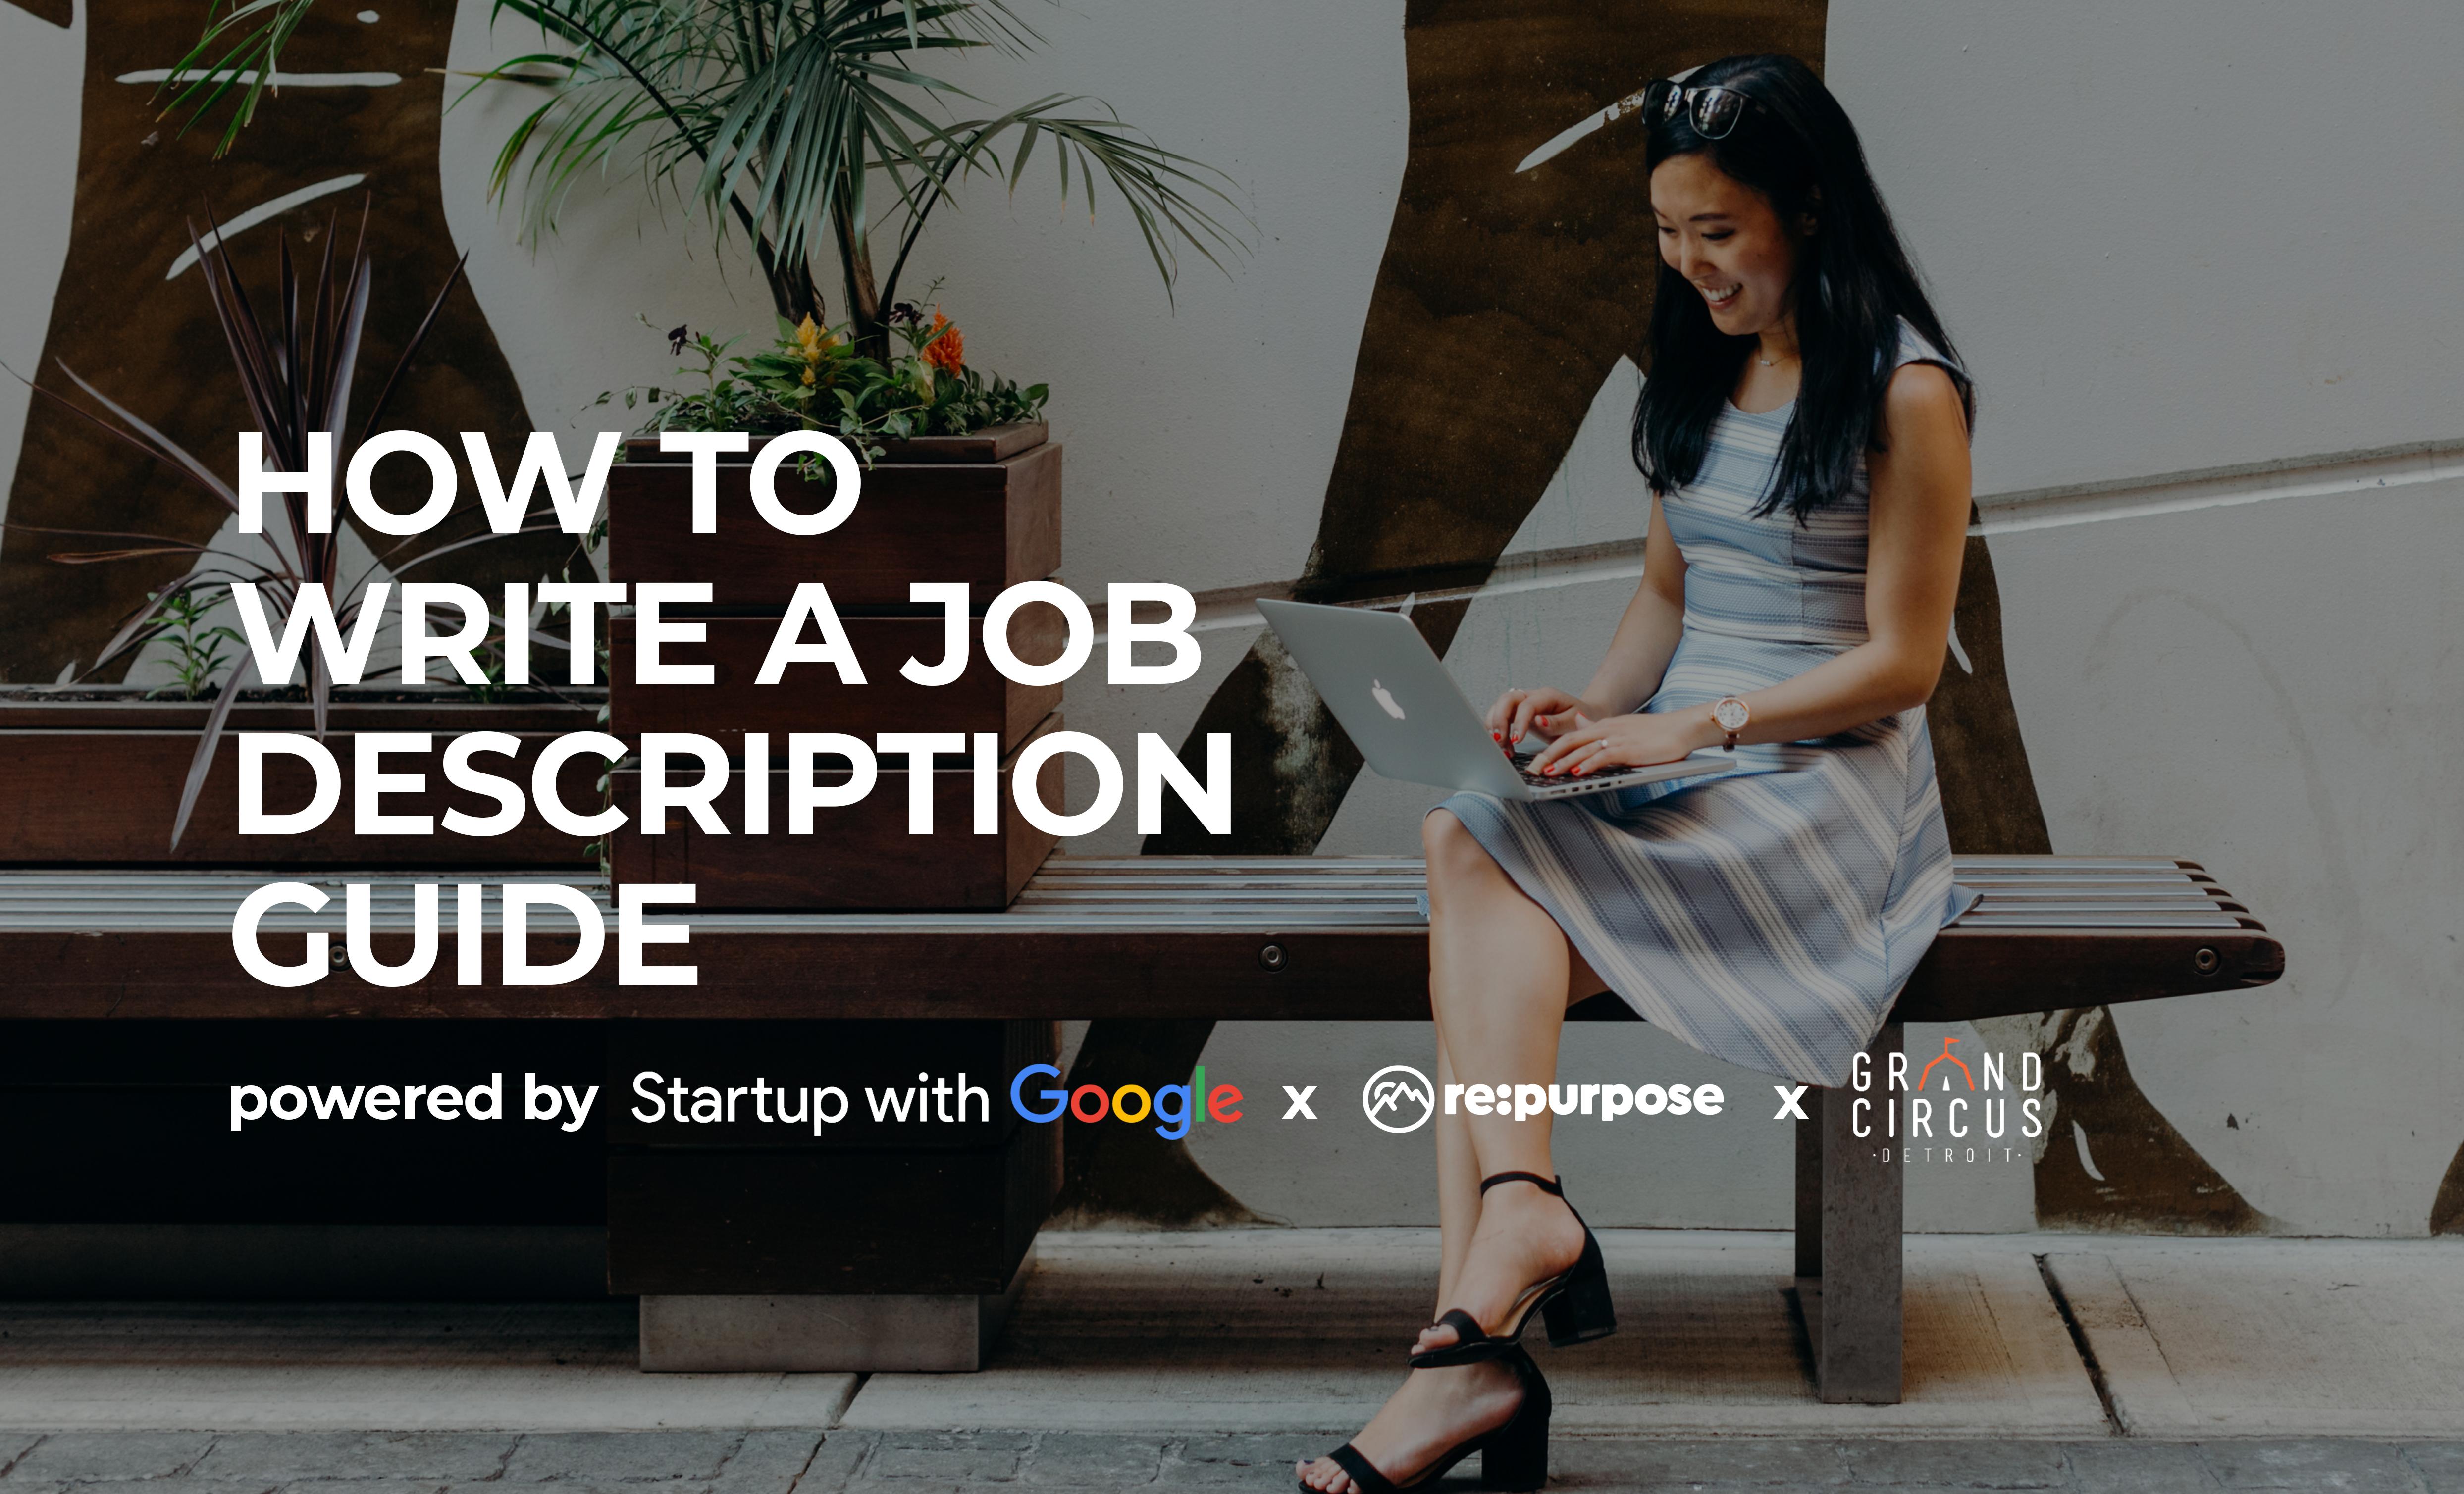 How to Write a Job Description Guide